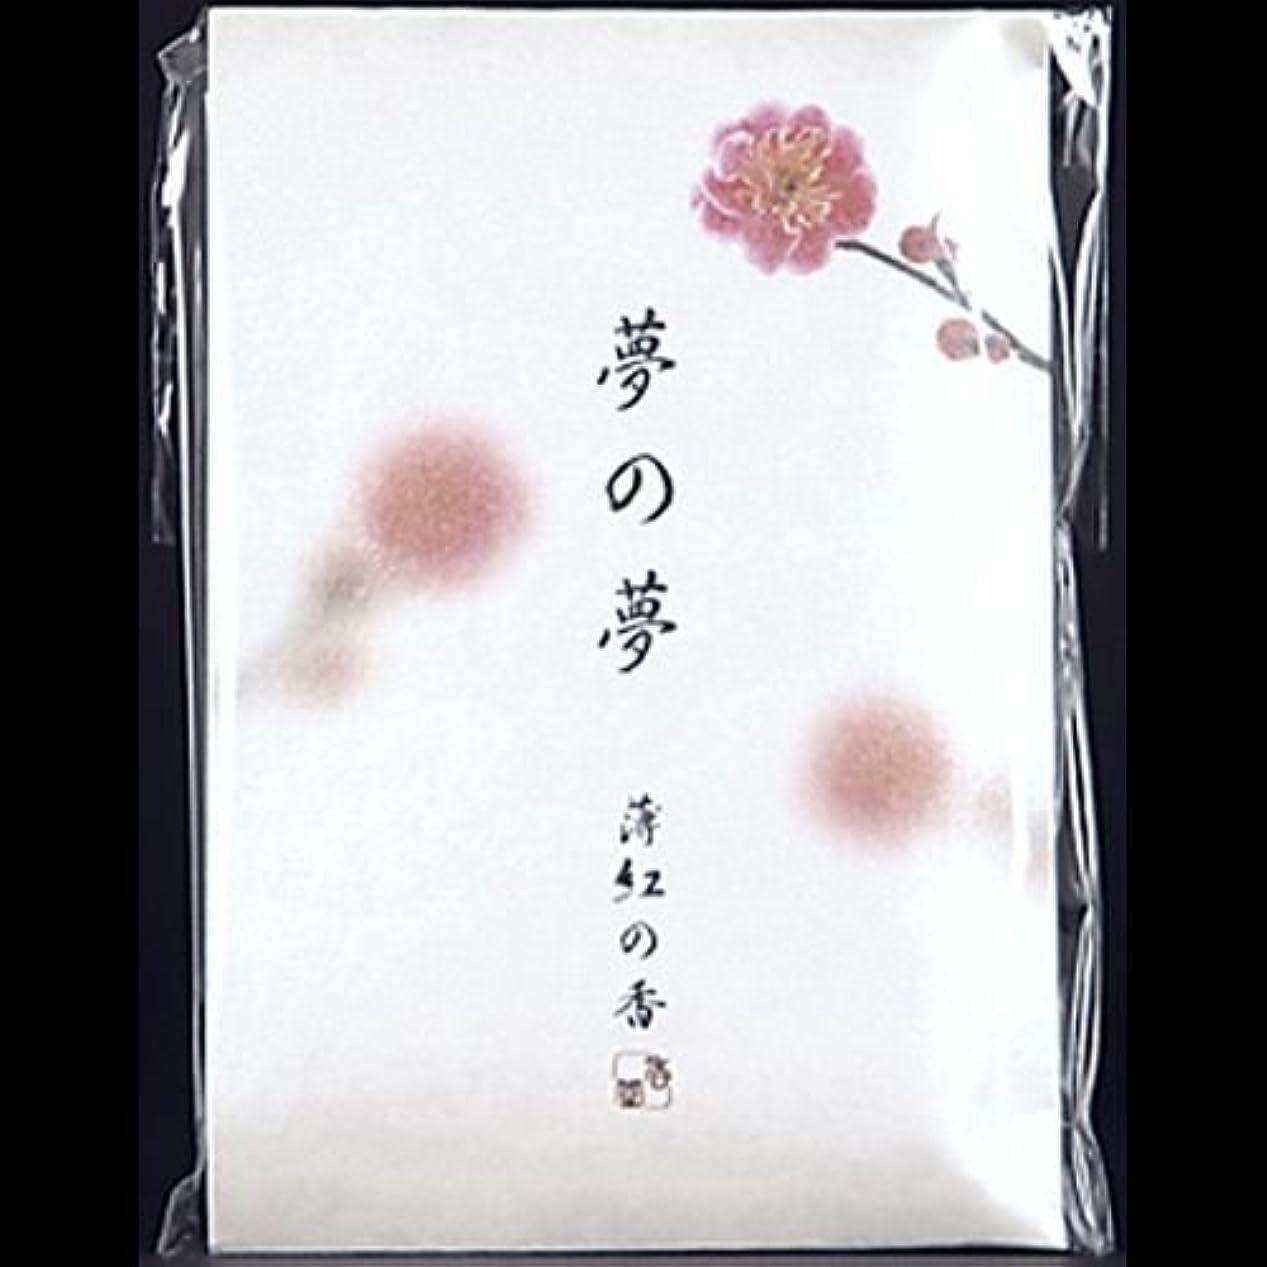 耐えられないすることになっている結び目【まとめ買い】夢の夢 薄紅の香 (梅) スティック12本入 ×2セット